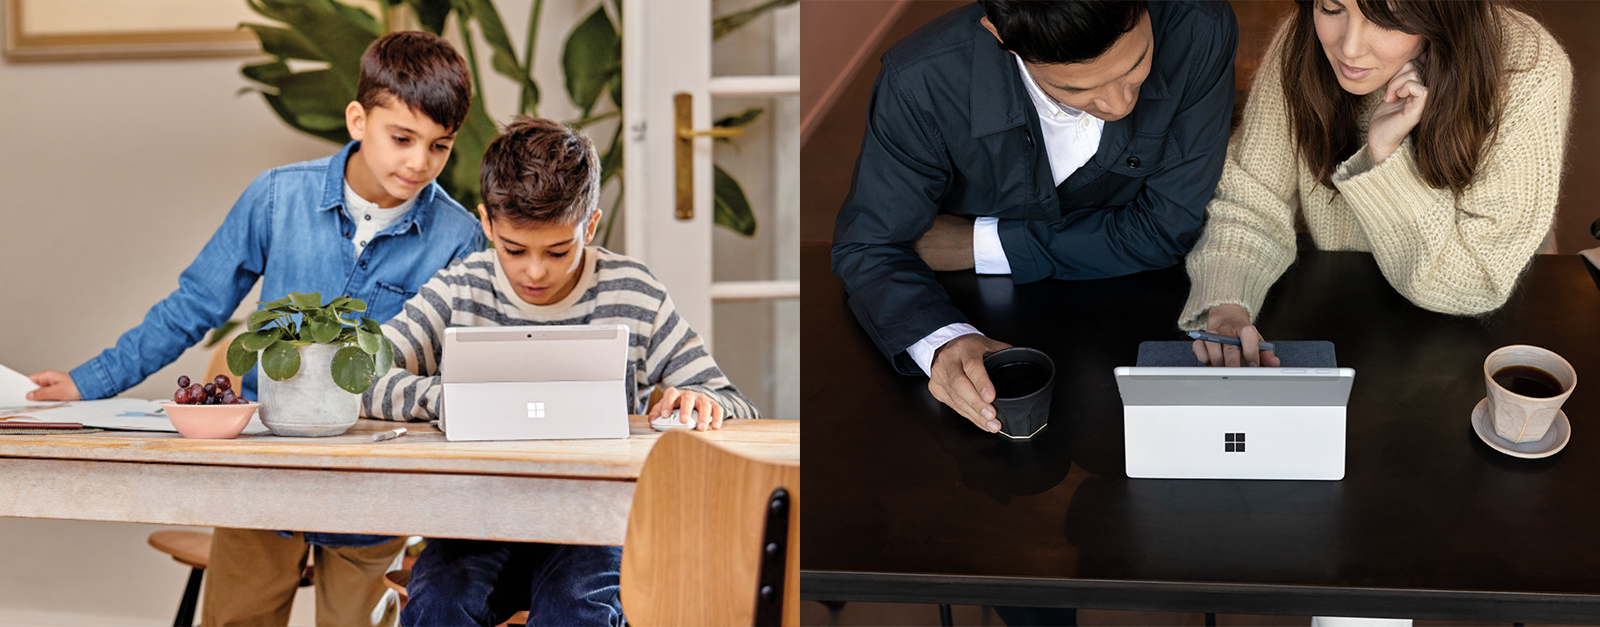 Zwei Kinder arbeiten auf dem Surface Go 2 und zwei erwachsene Personen arbeiten gemeinsam auf dem Surface Go 2